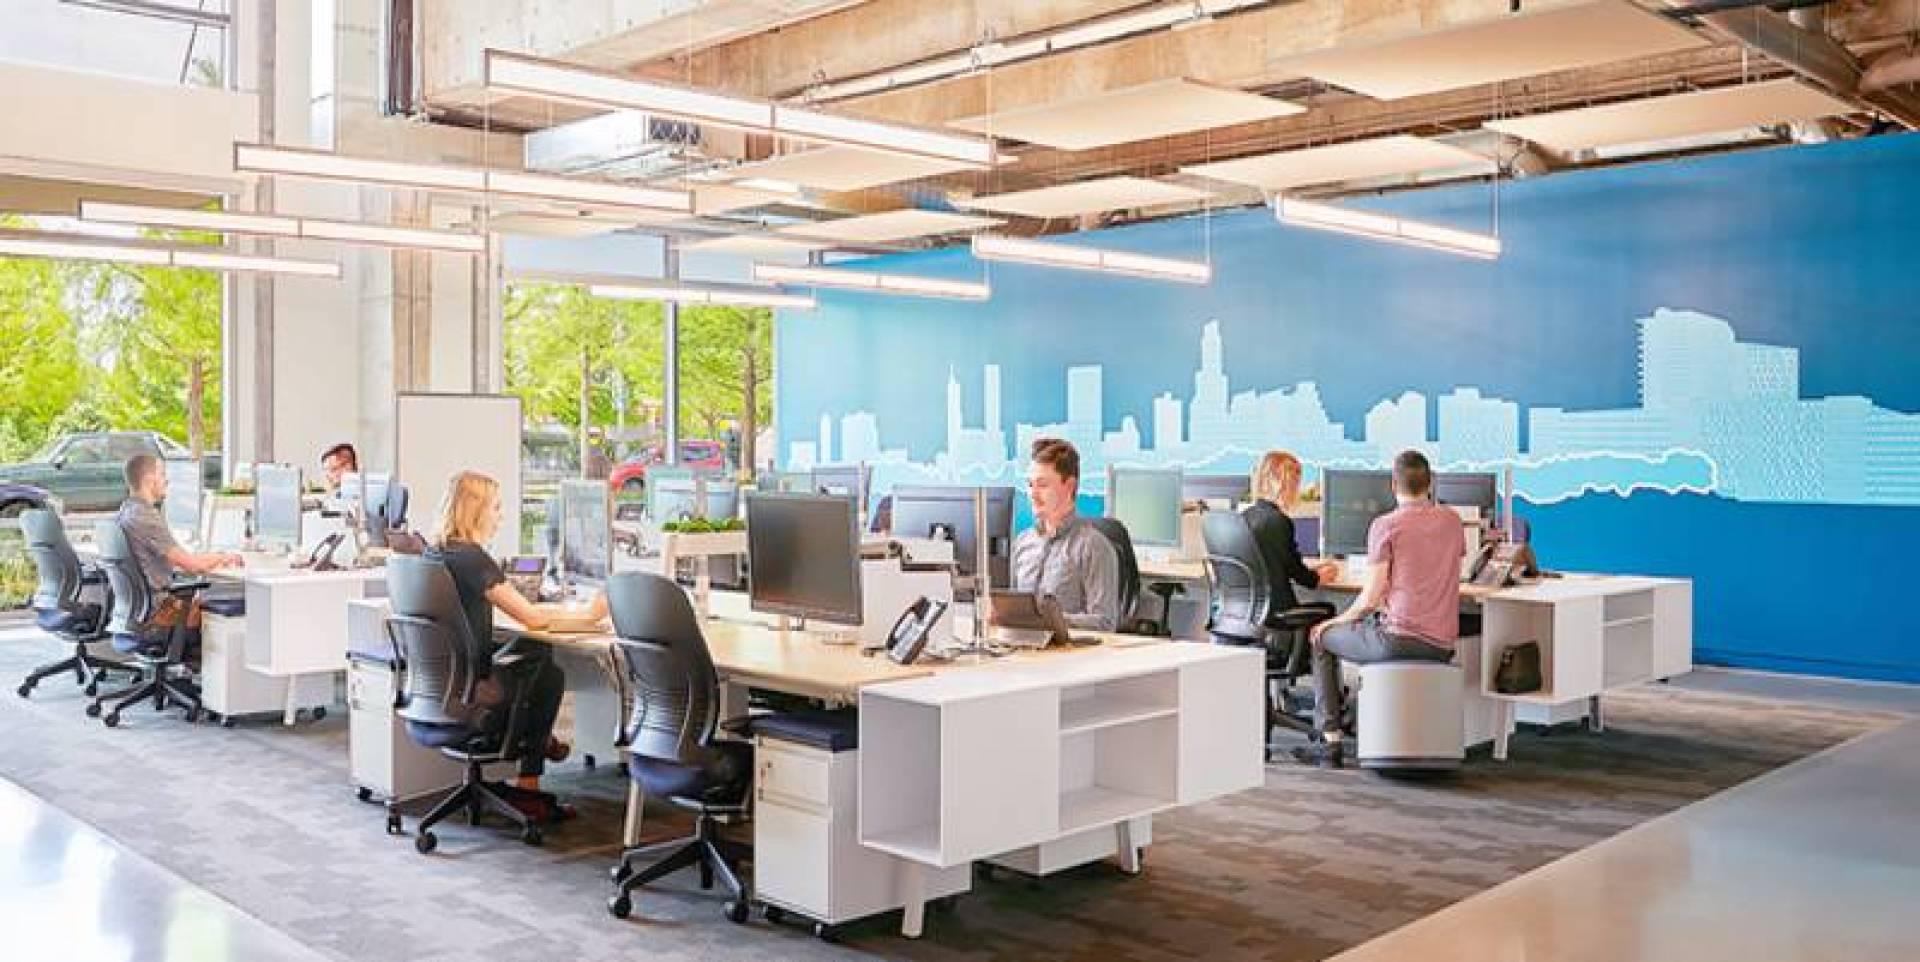 المكتب مهم ويعد أداة للترابط الاجتماعي في المؤسسة